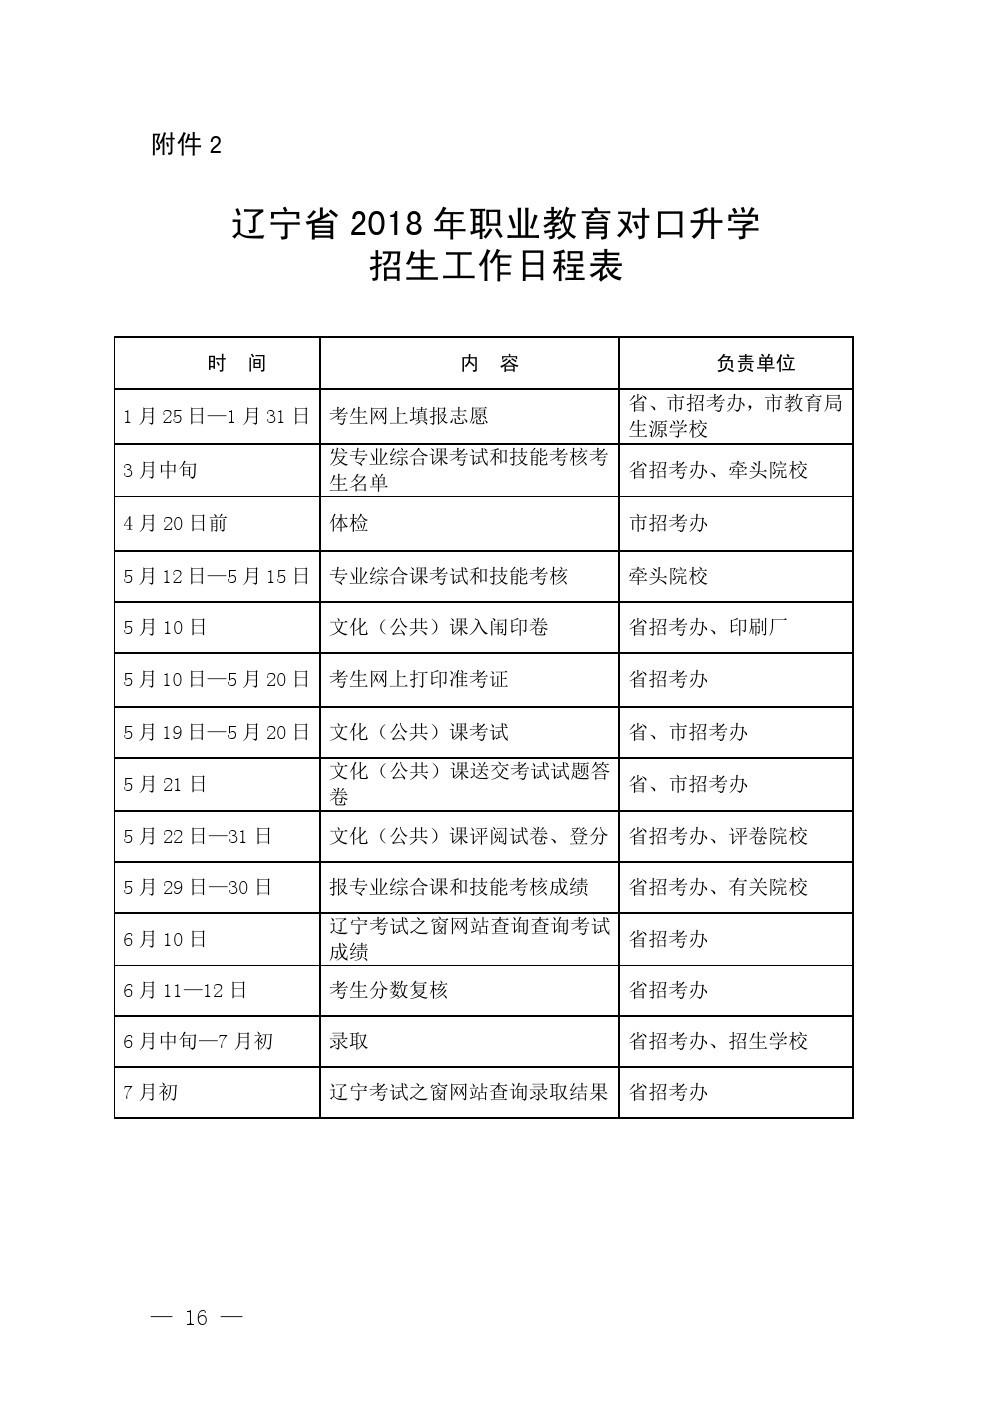 2018年辽宁省中职升本考试及录取时间安排